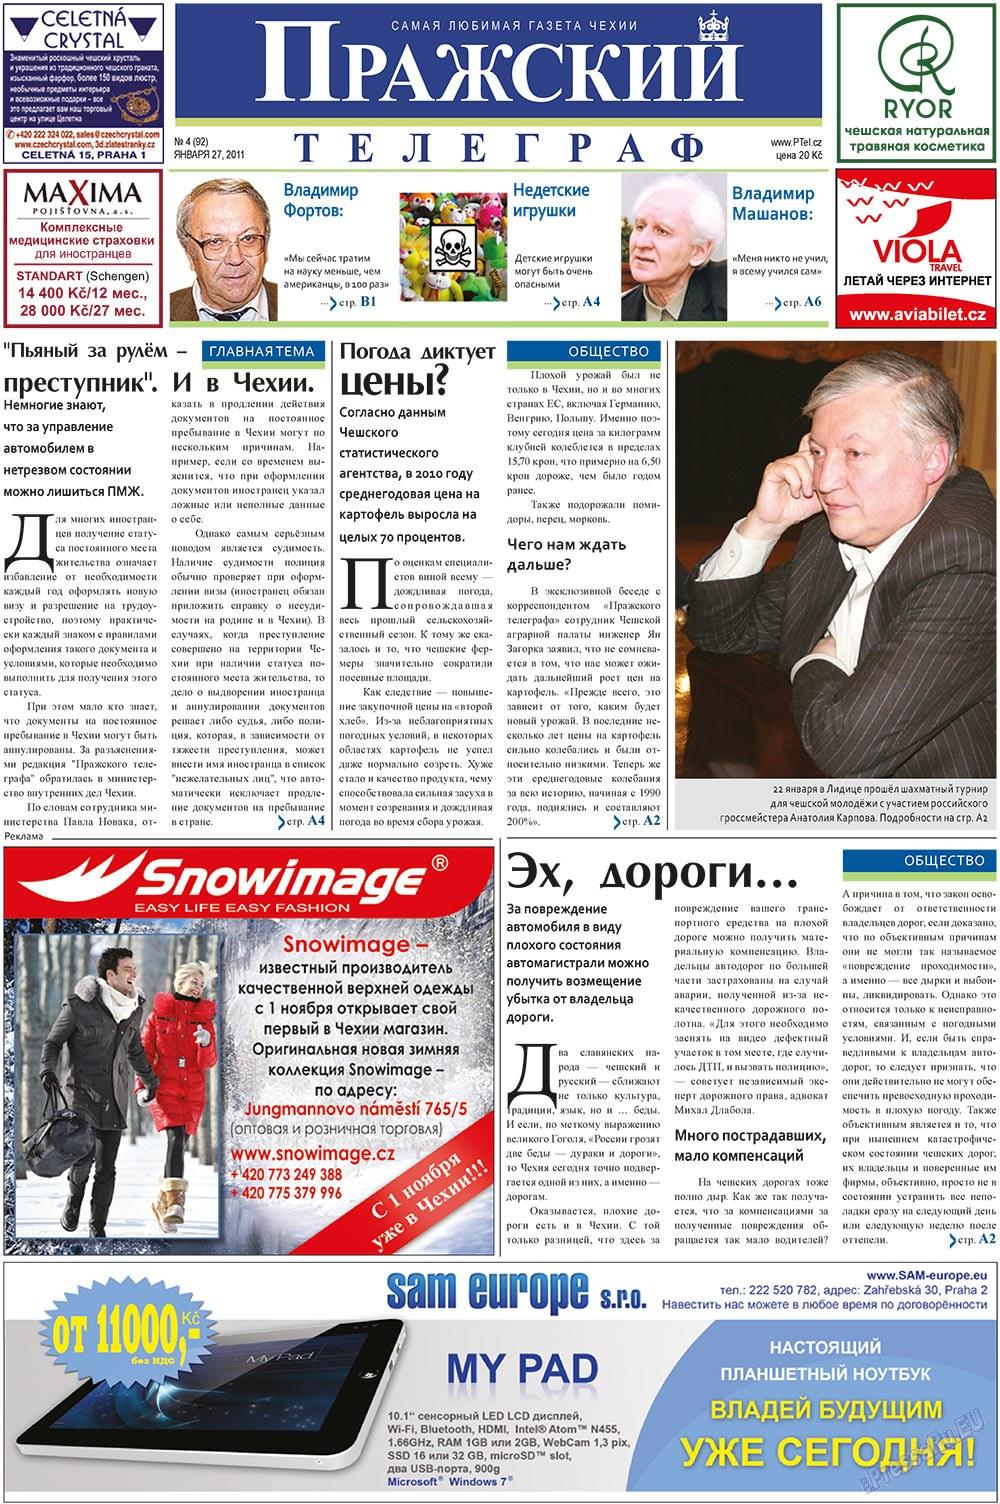 Пражский телеграф (газета). 2011 год, номер 4, стр. 1